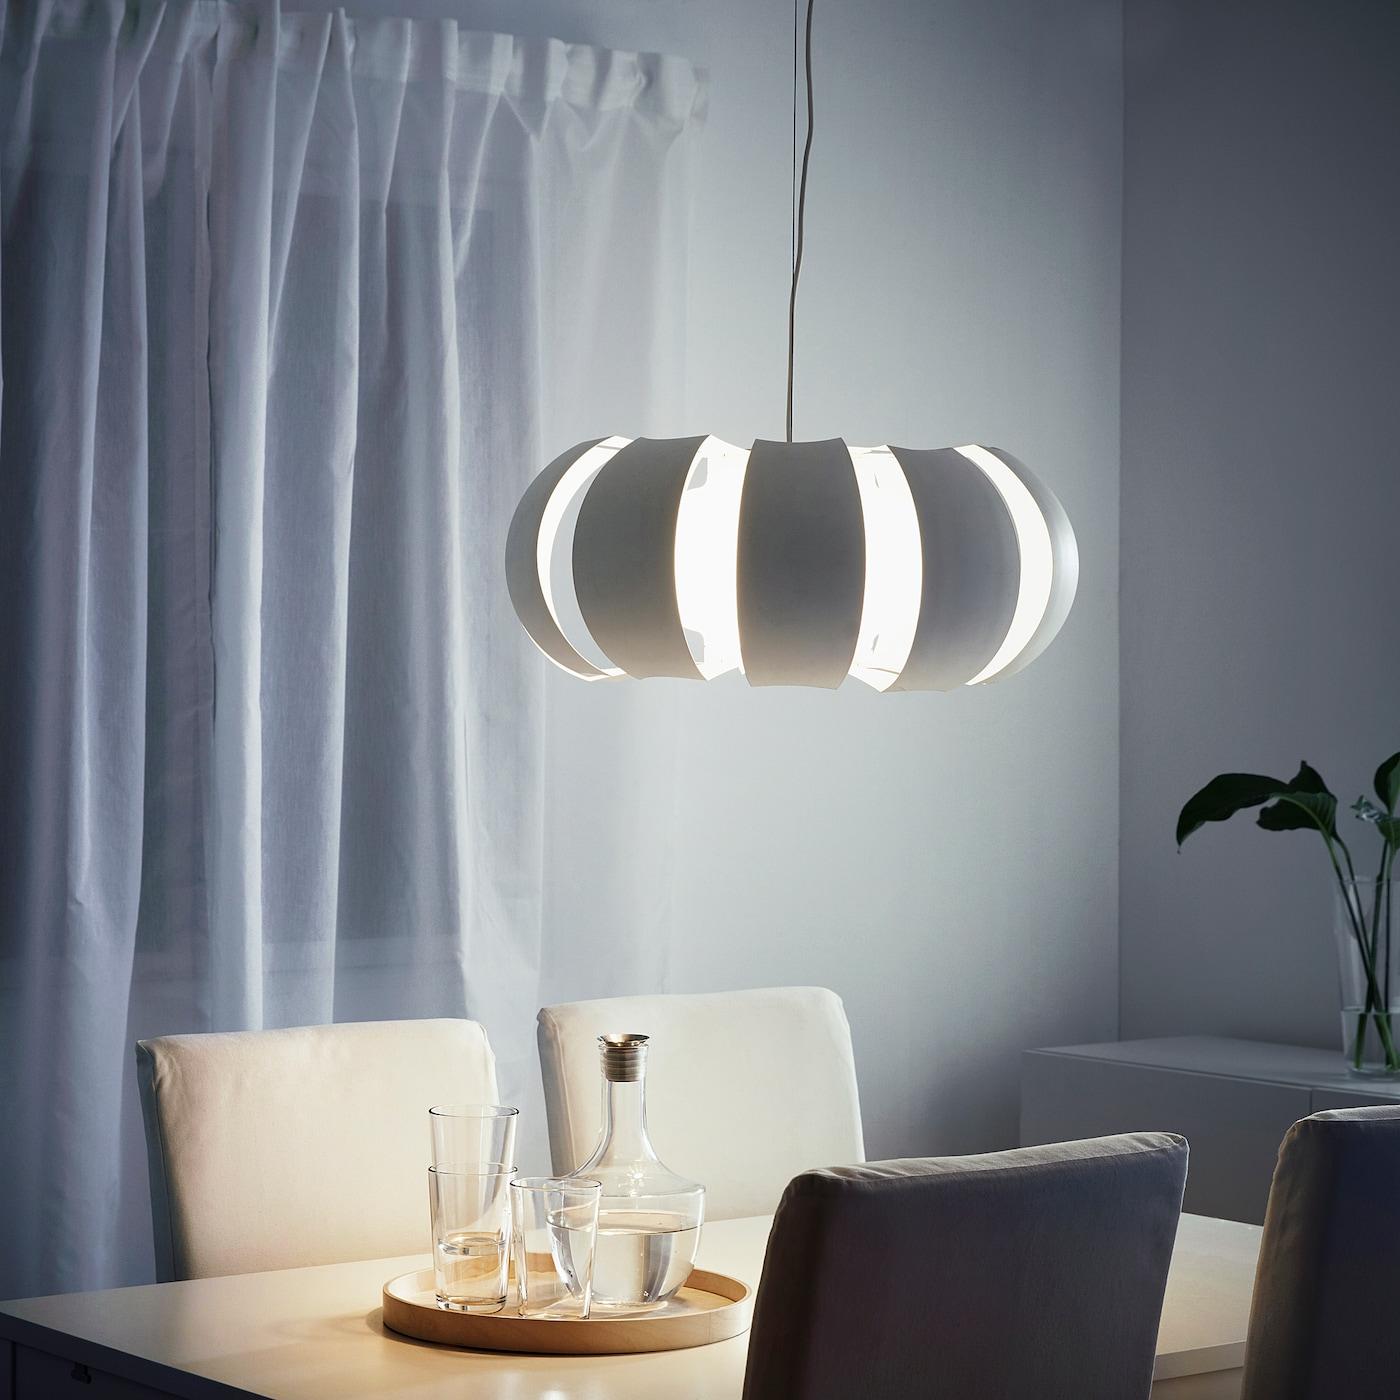 Full Size of Lampen Wohnzimmer Decke Ikea Stockholm Hngeleuchte Wei Deutschland Wandtattoo Schrankwand Beleuchtung Deckenleuchte Schlafzimmer Modern Pendelleuchte Wohnzimmer Lampen Wohnzimmer Decke Ikea